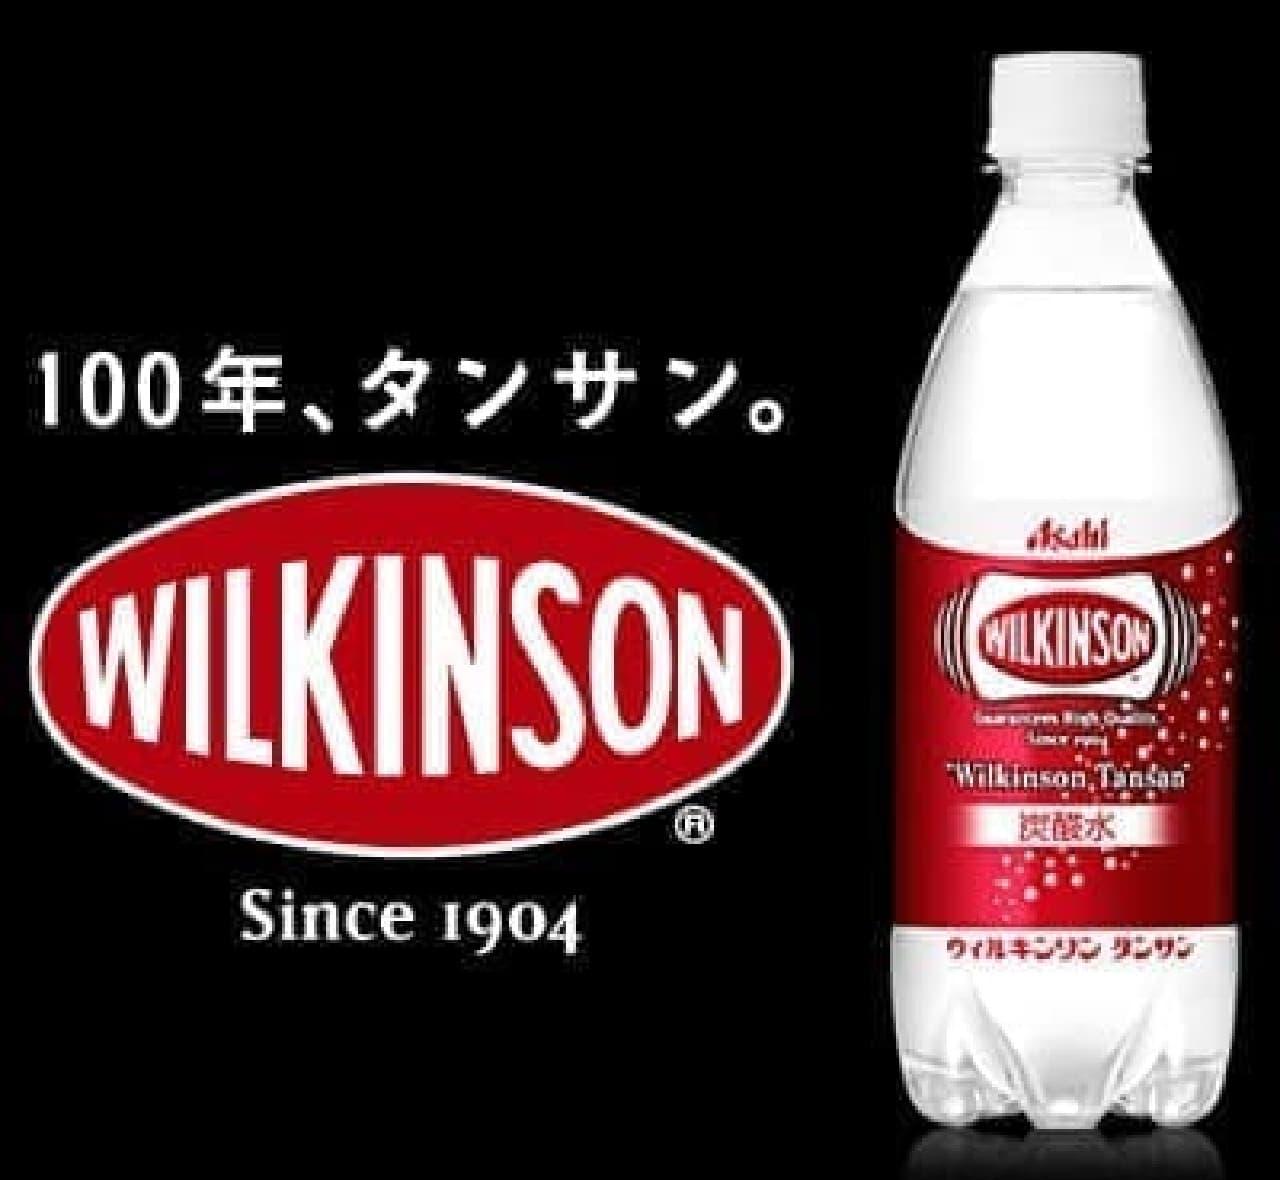 100年、タンサン ウィルキンソン